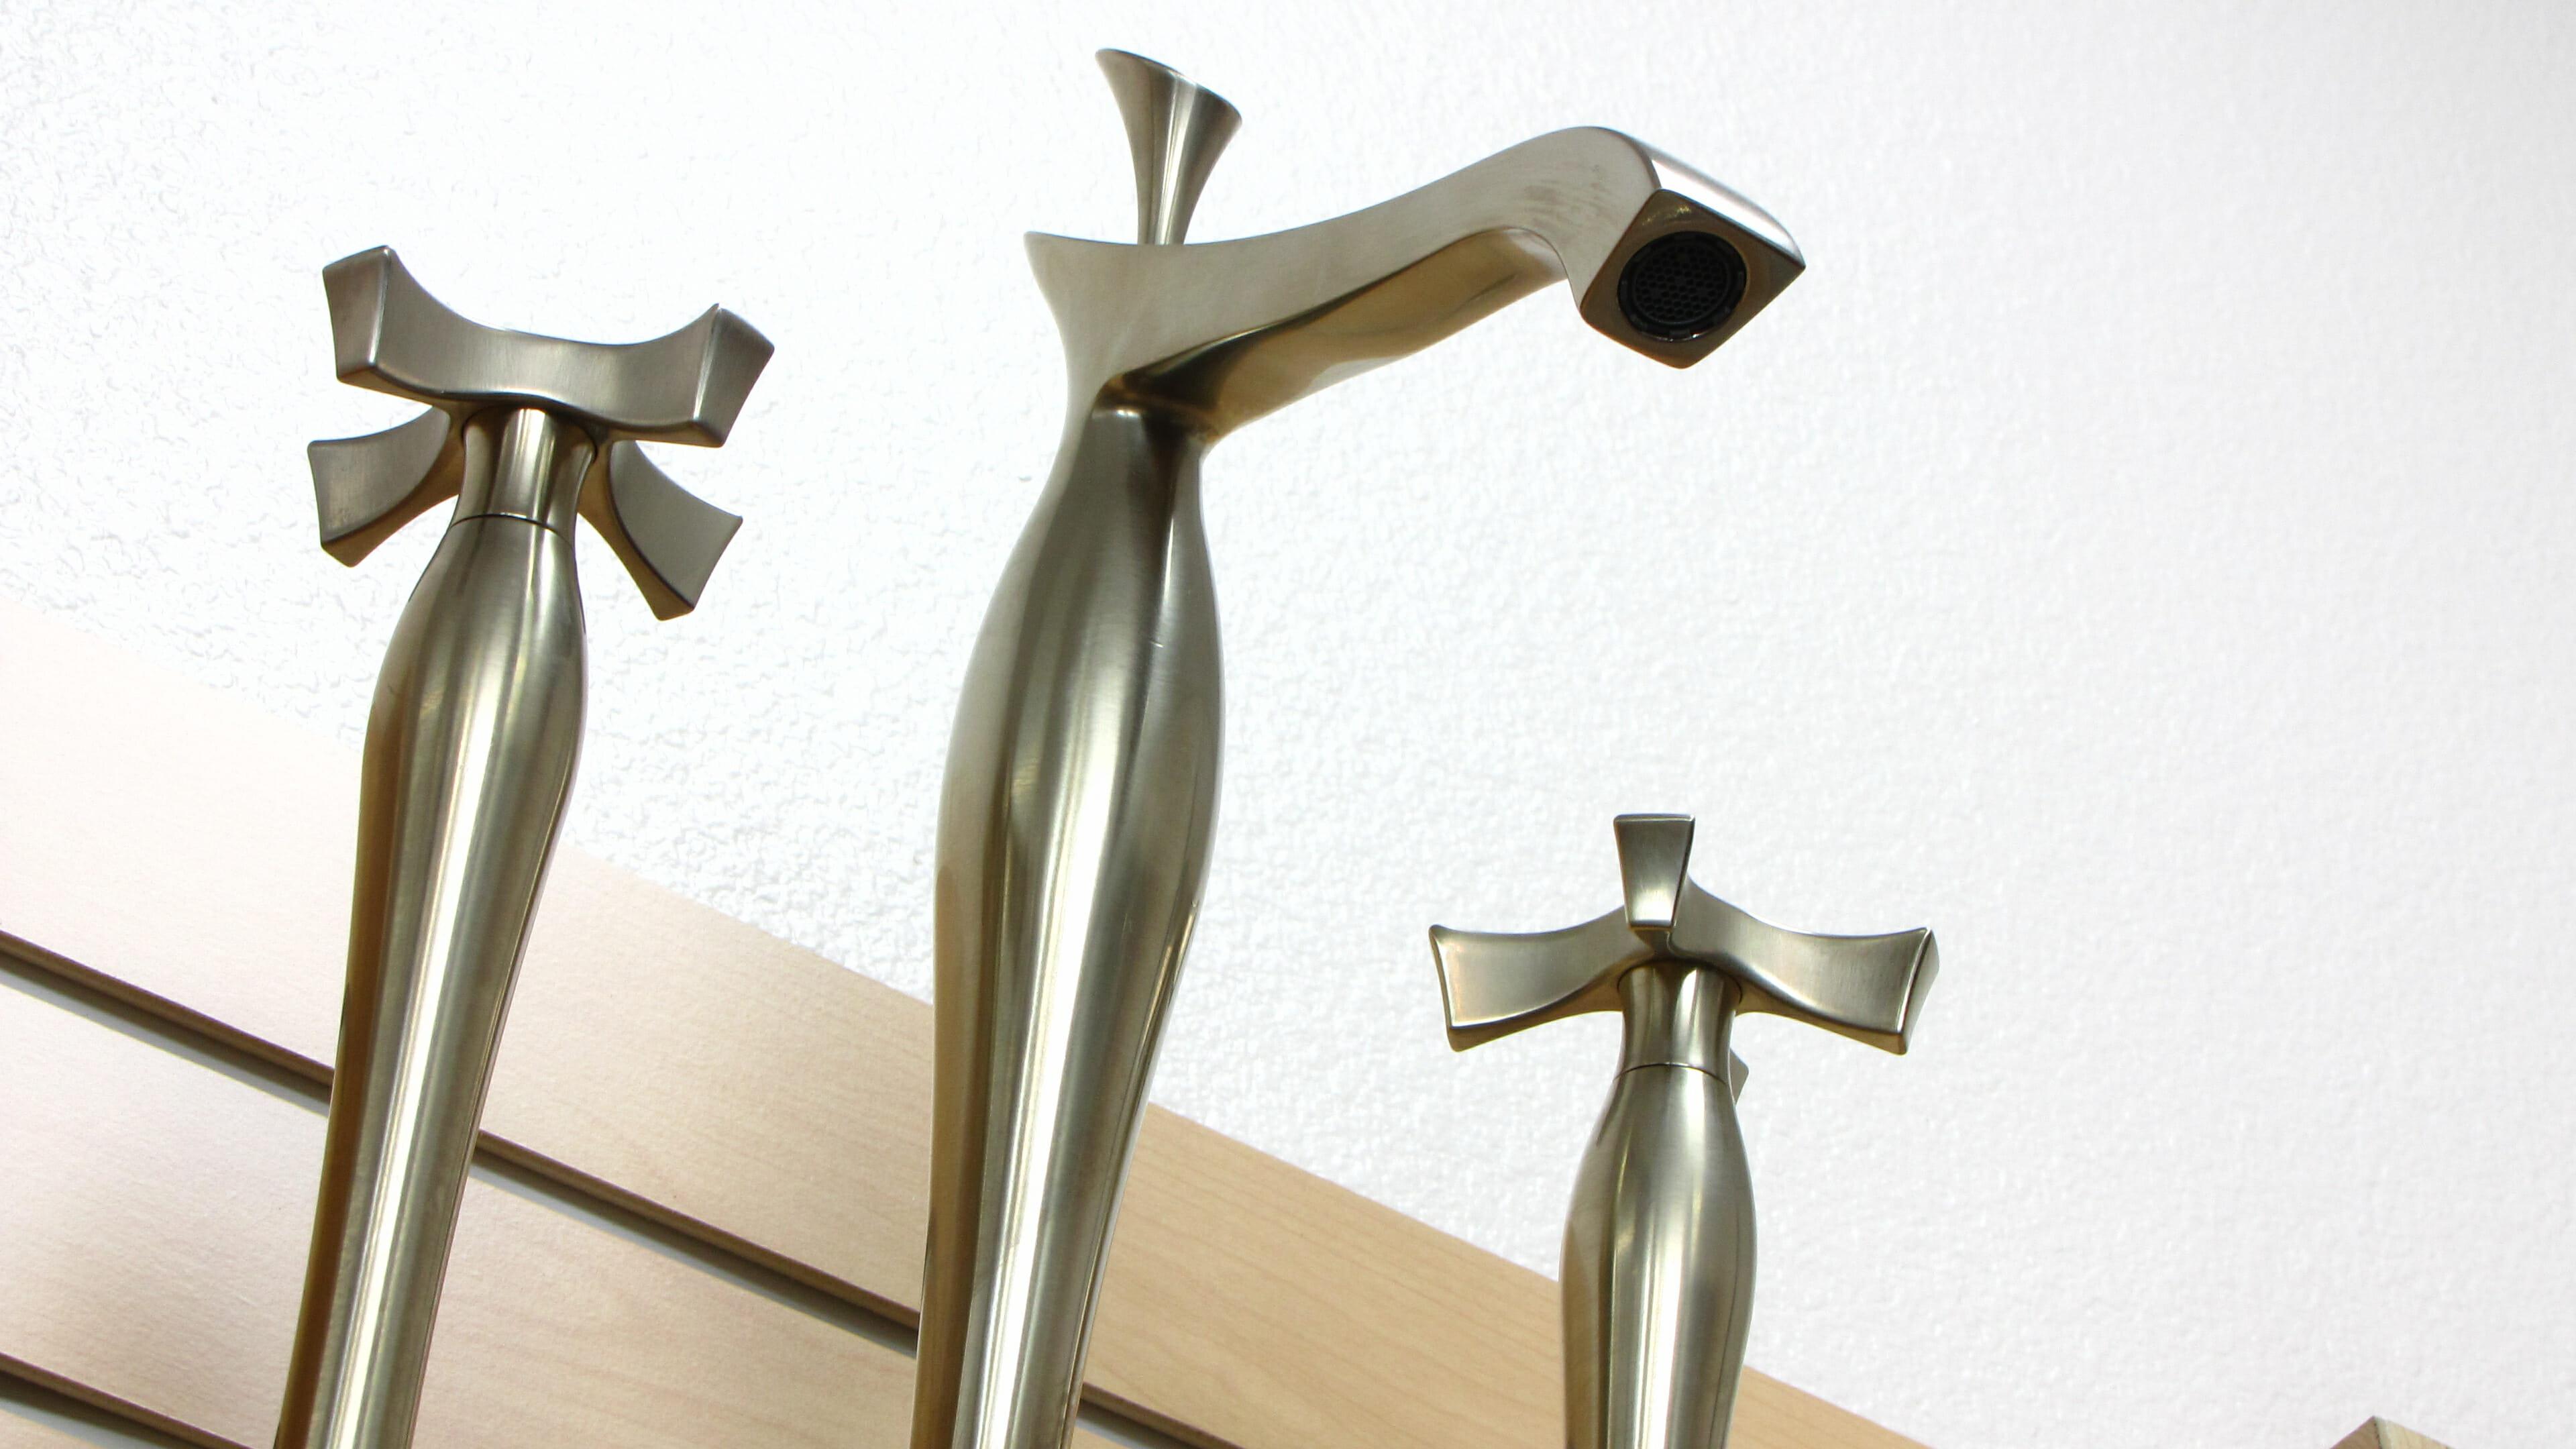 Bathroom Fixtures Montclair Ca plumber's pick: faucets & fixtures 2 | ray may plumbing montclair ca